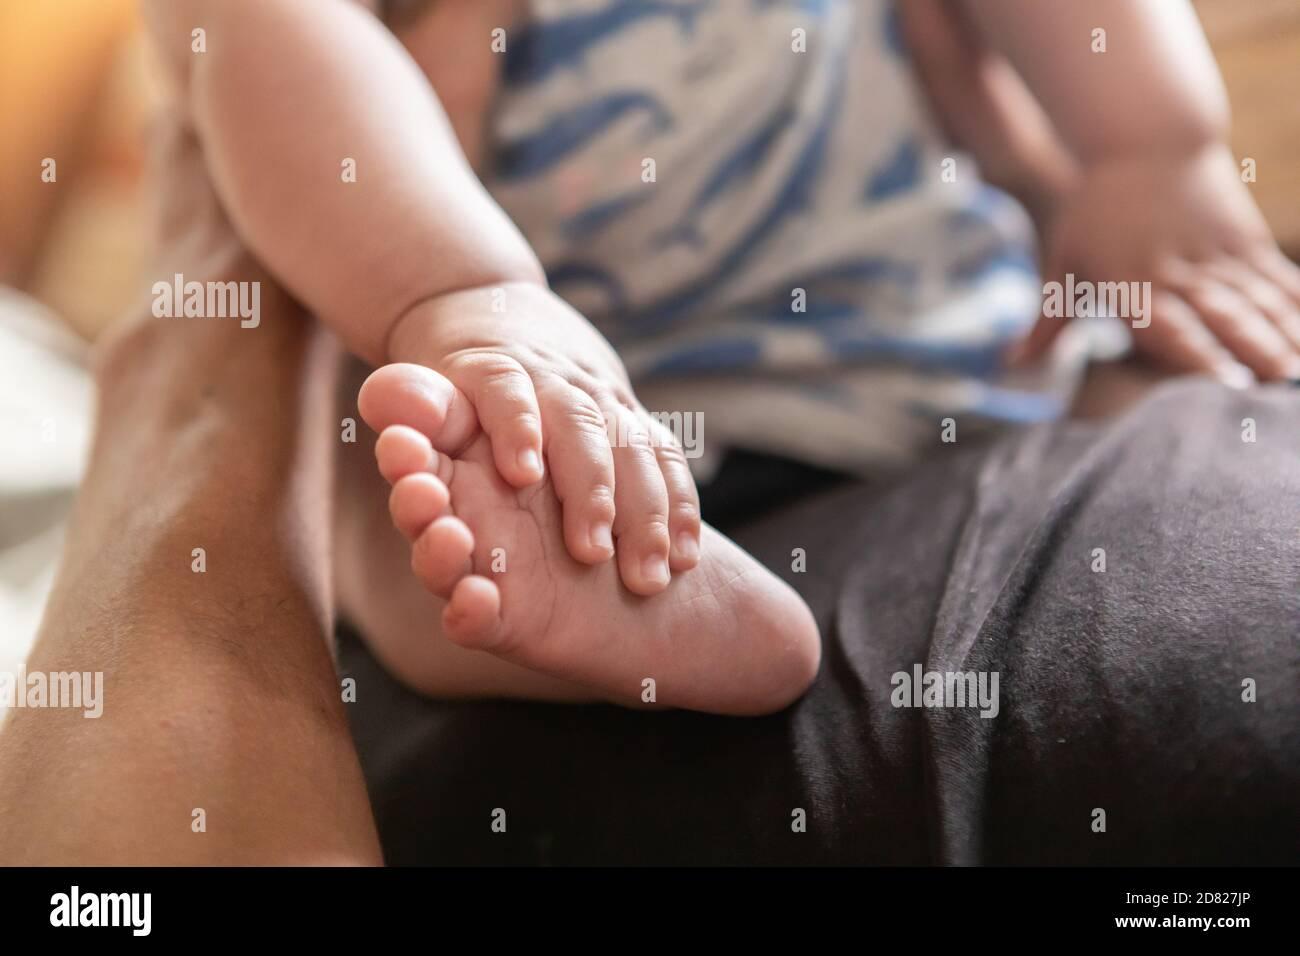 Selektive Fokussierung der Hände, die Beine und Füße des Babys berühren Junge während der Ruhe und sitzen auf seinem Vater Bauch mit Unterstützung zu Hause Stockfoto